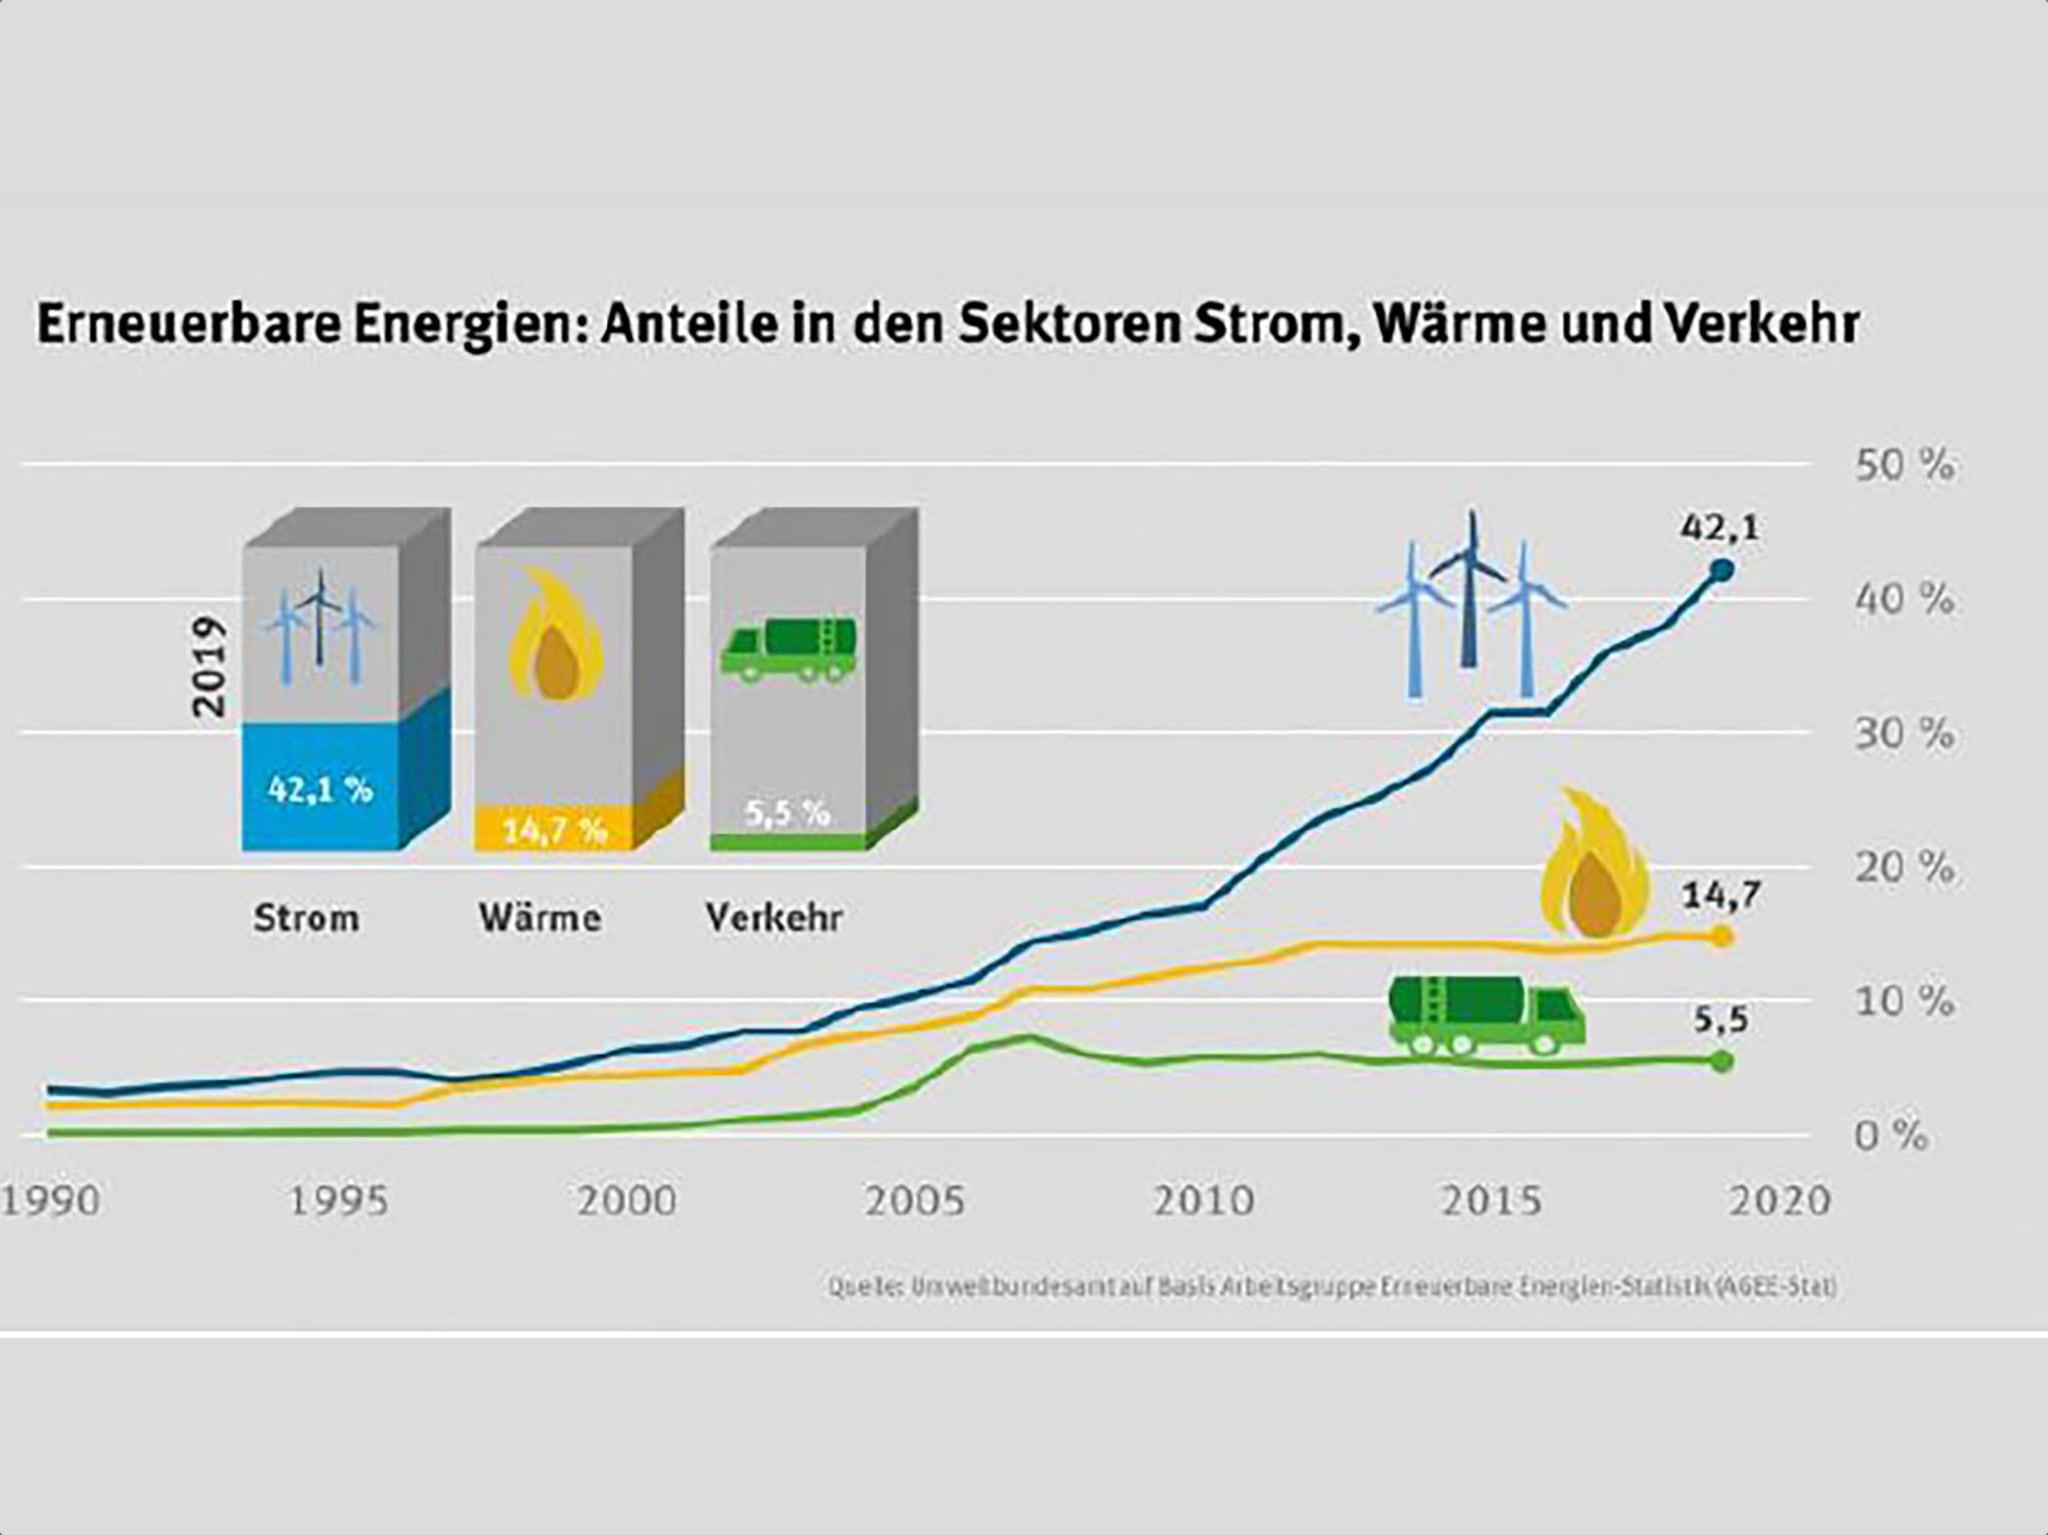 Im Bereich der erneuerbaren Energien zeigt sich eine positive Entwicklung, während der Sektor Verkehr fast stagniert. (Grafik: Umweltbundesamt, AGEE- Stat, FHWS)